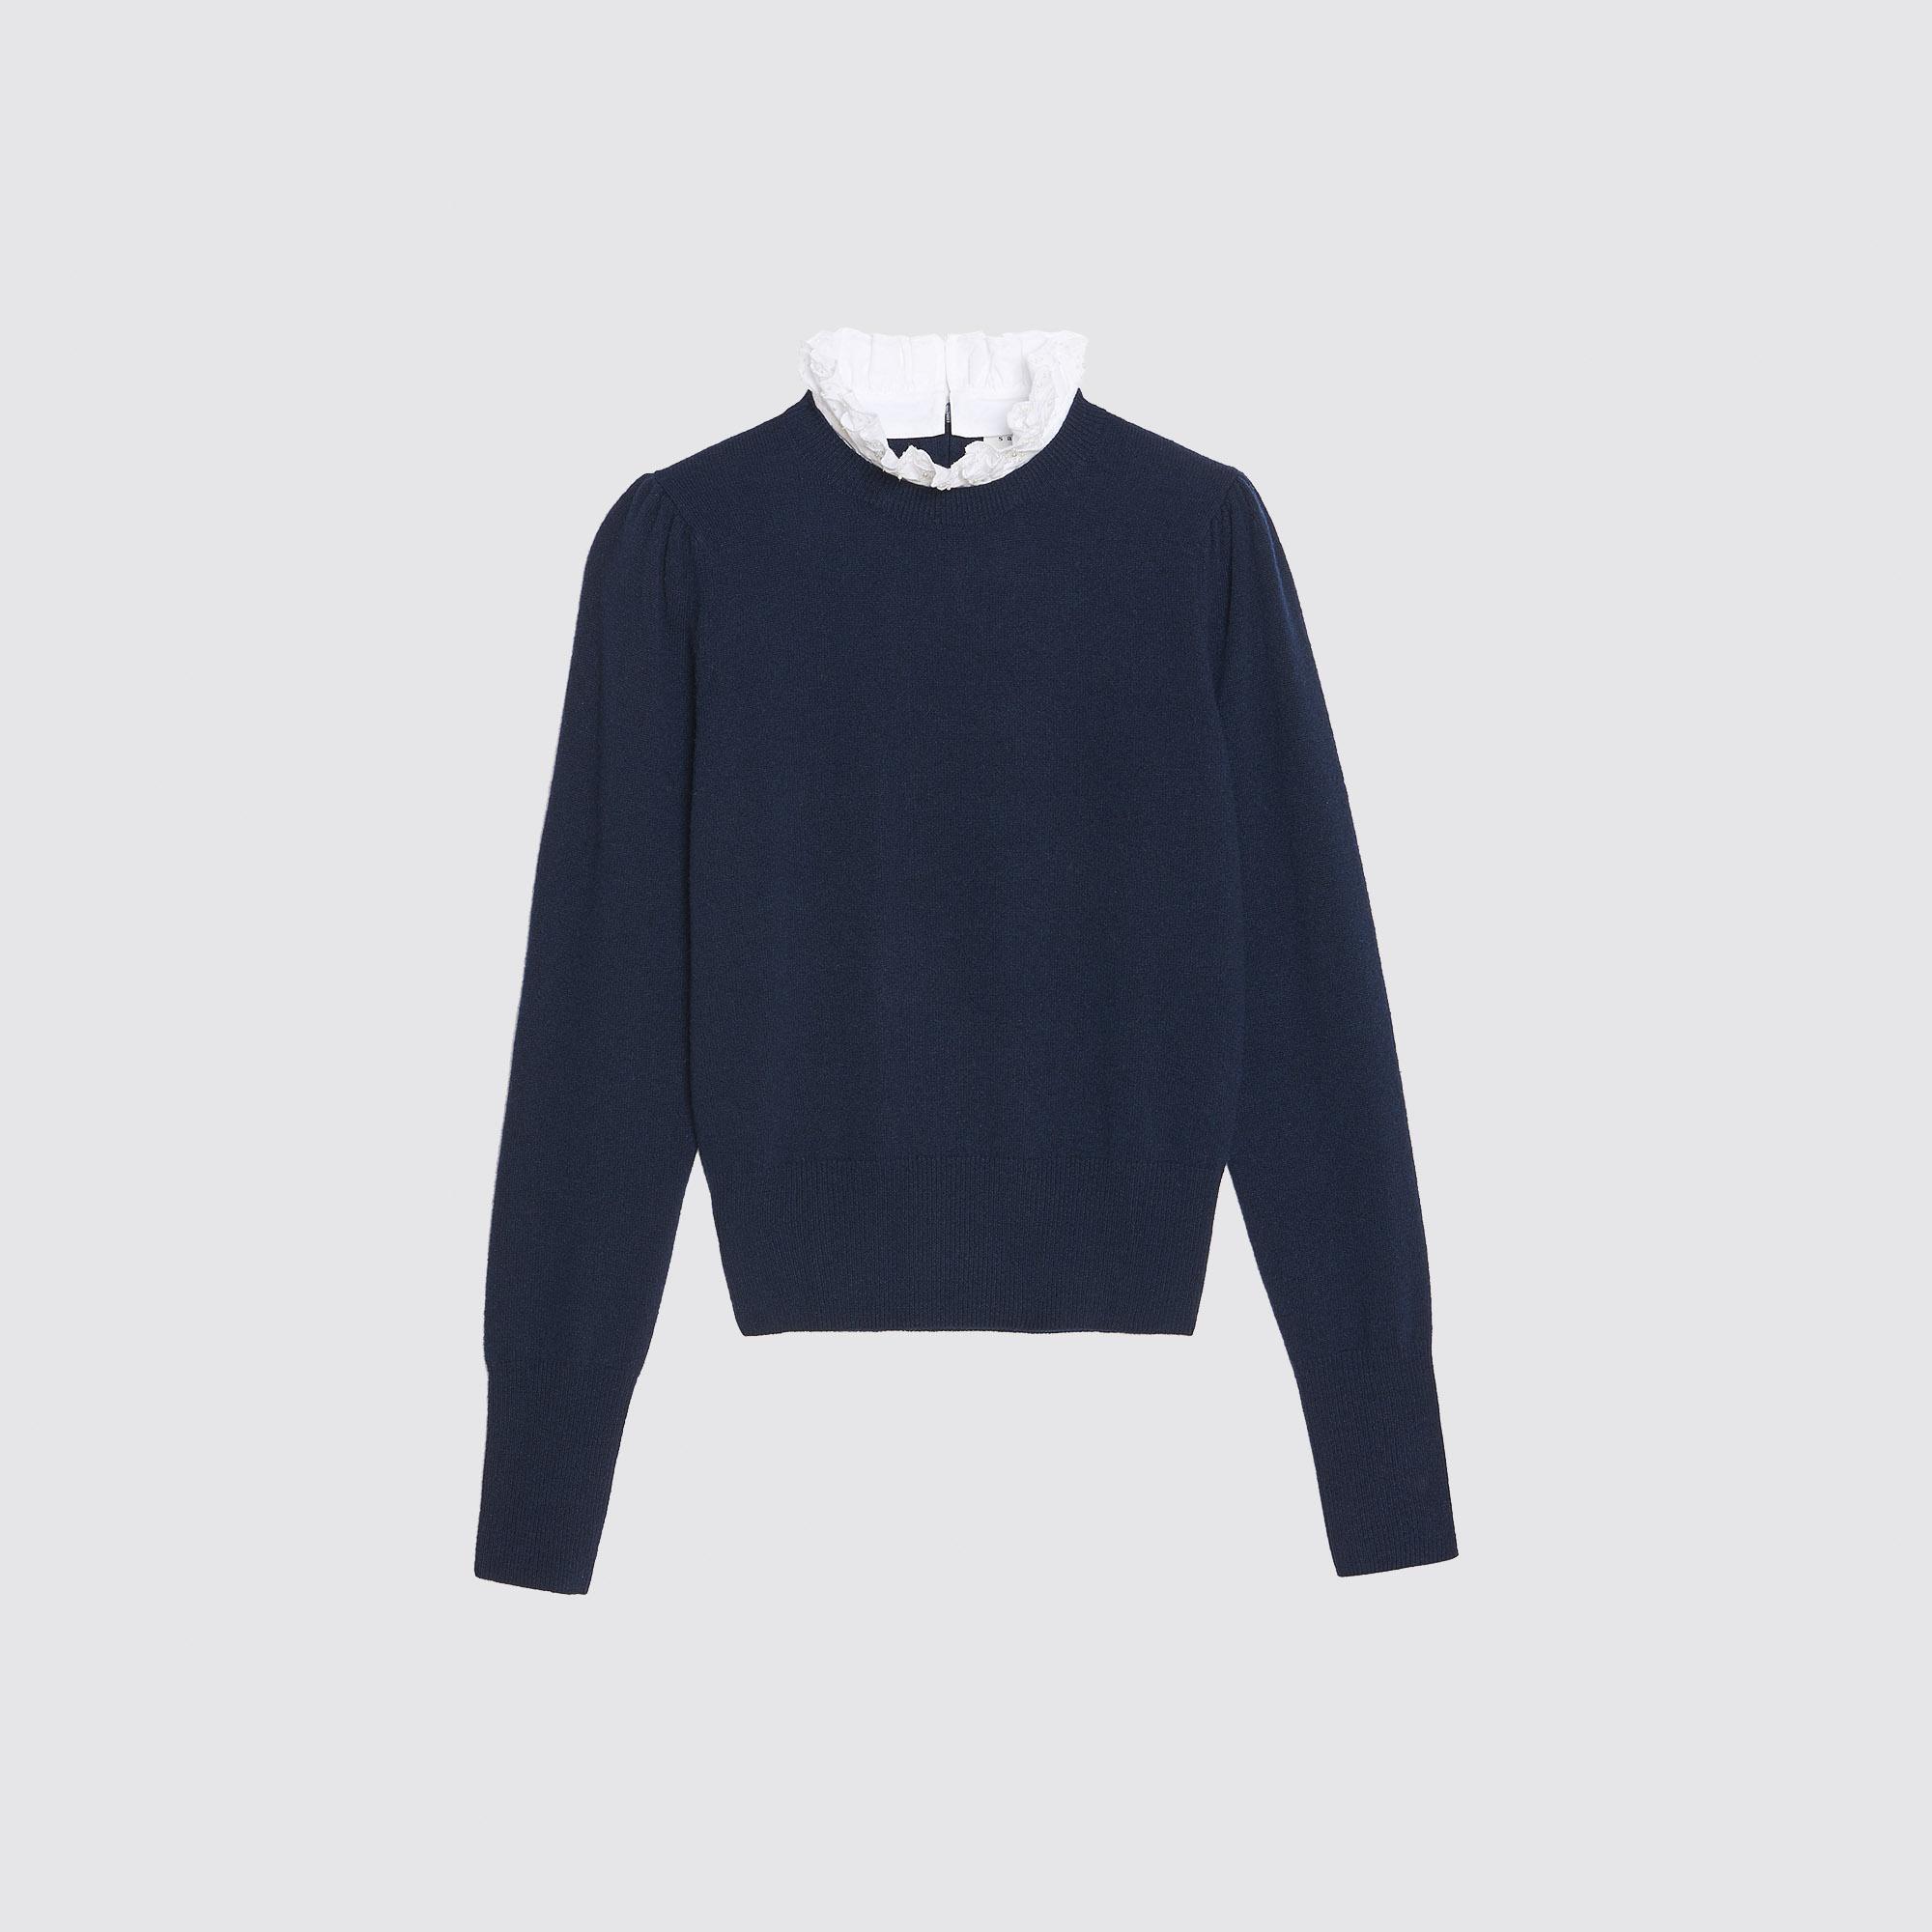 Pullover lana-cashmere collo a contrasto : Maglieria & Cardigan colore Blu Marino